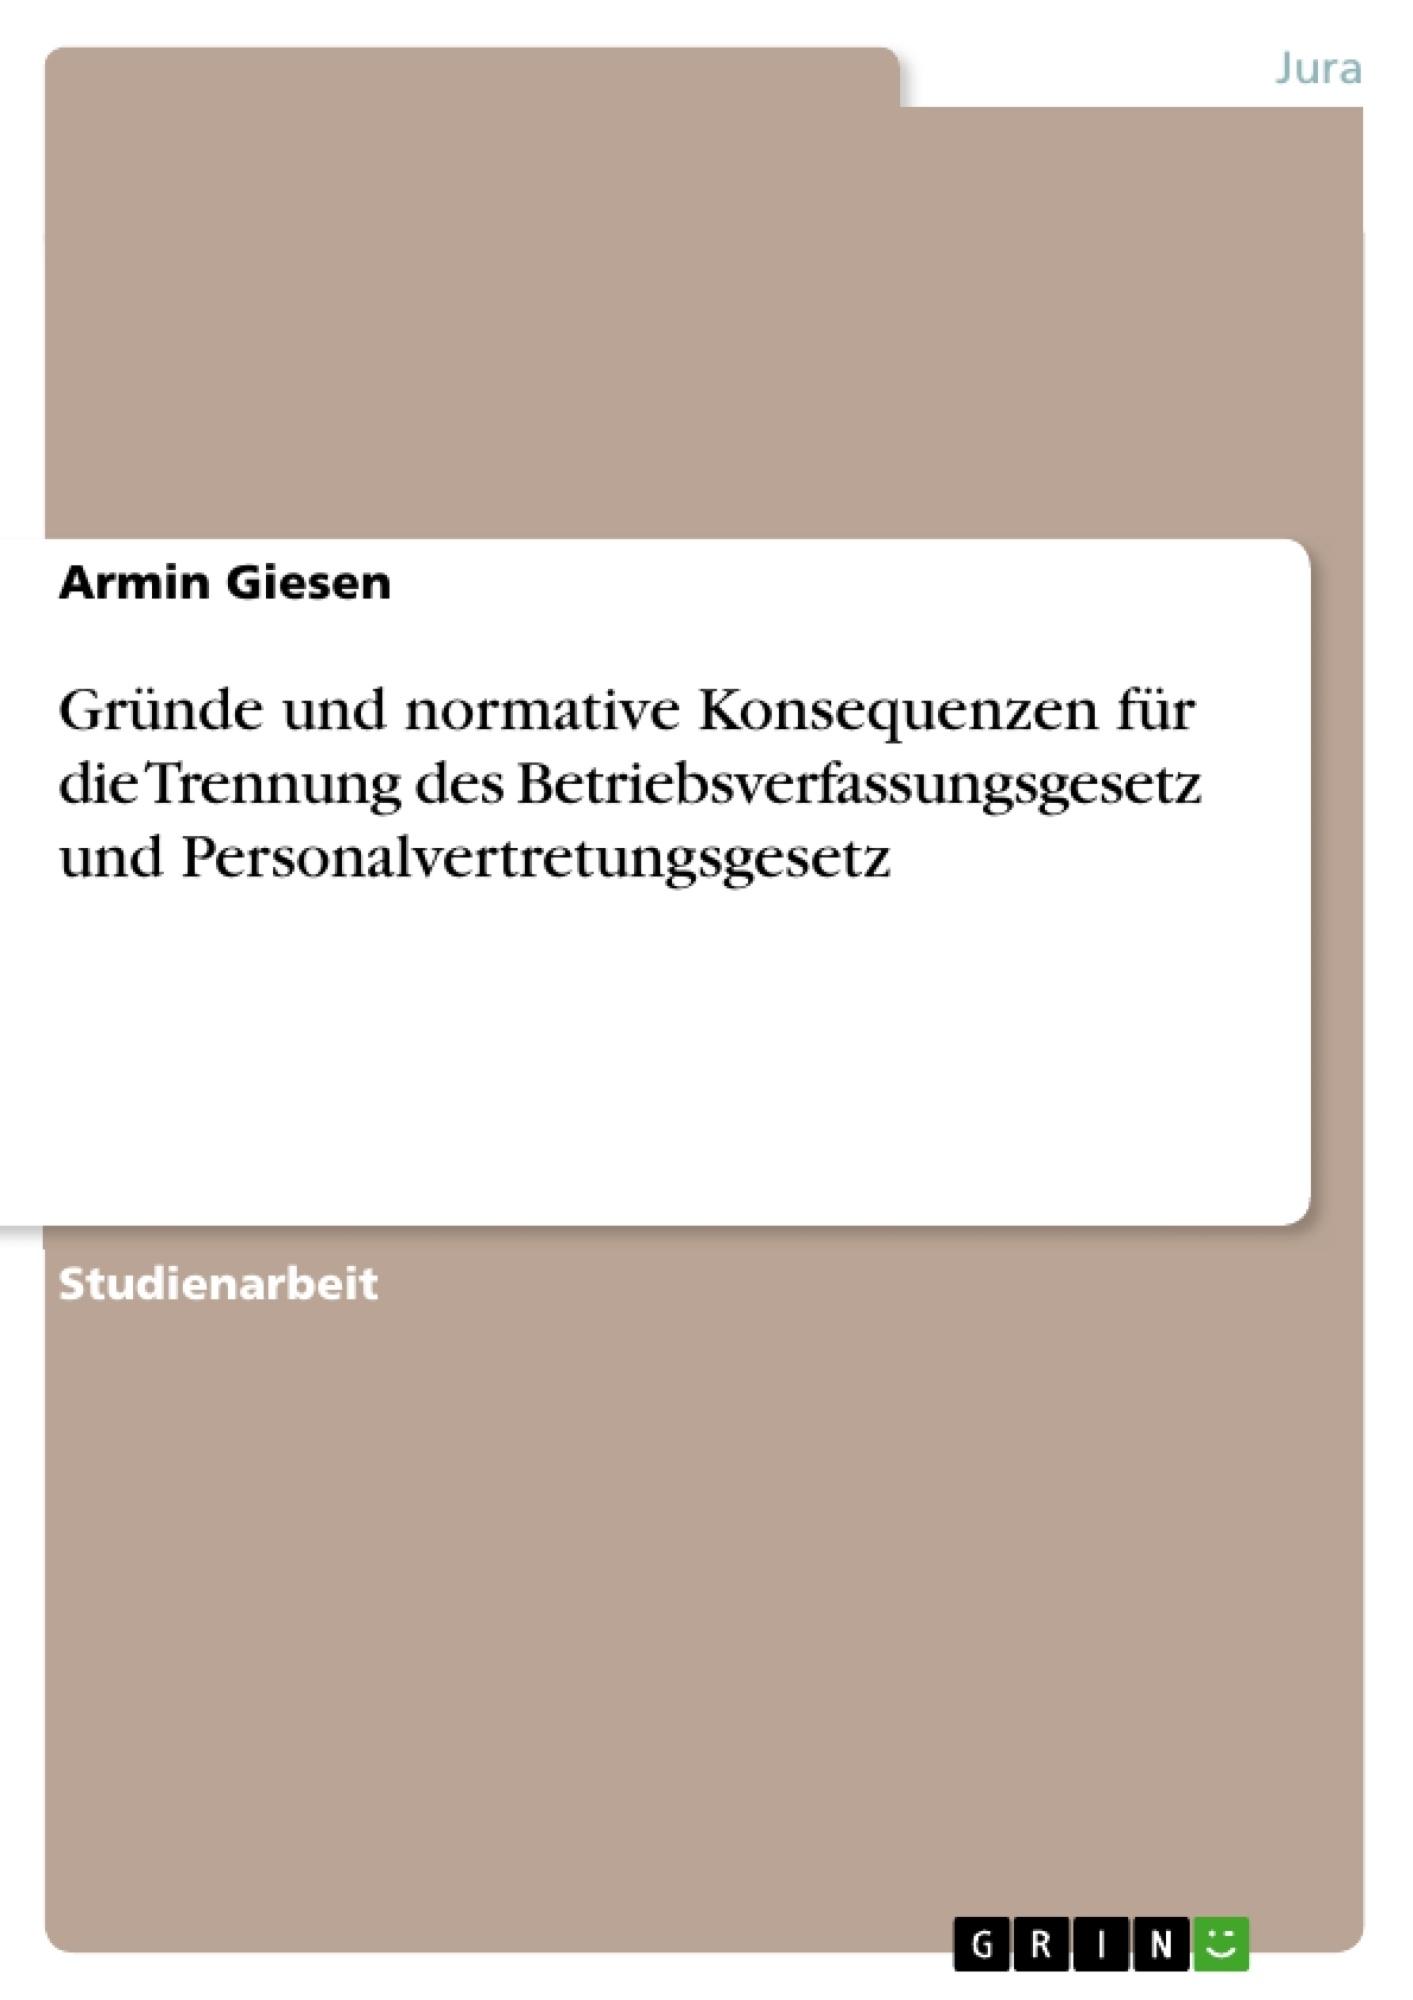 Titel: Gründe und normative Konsequenzen für die Trennung des Betriebsverfassungsgesetz und Personalvertretungsgesetz